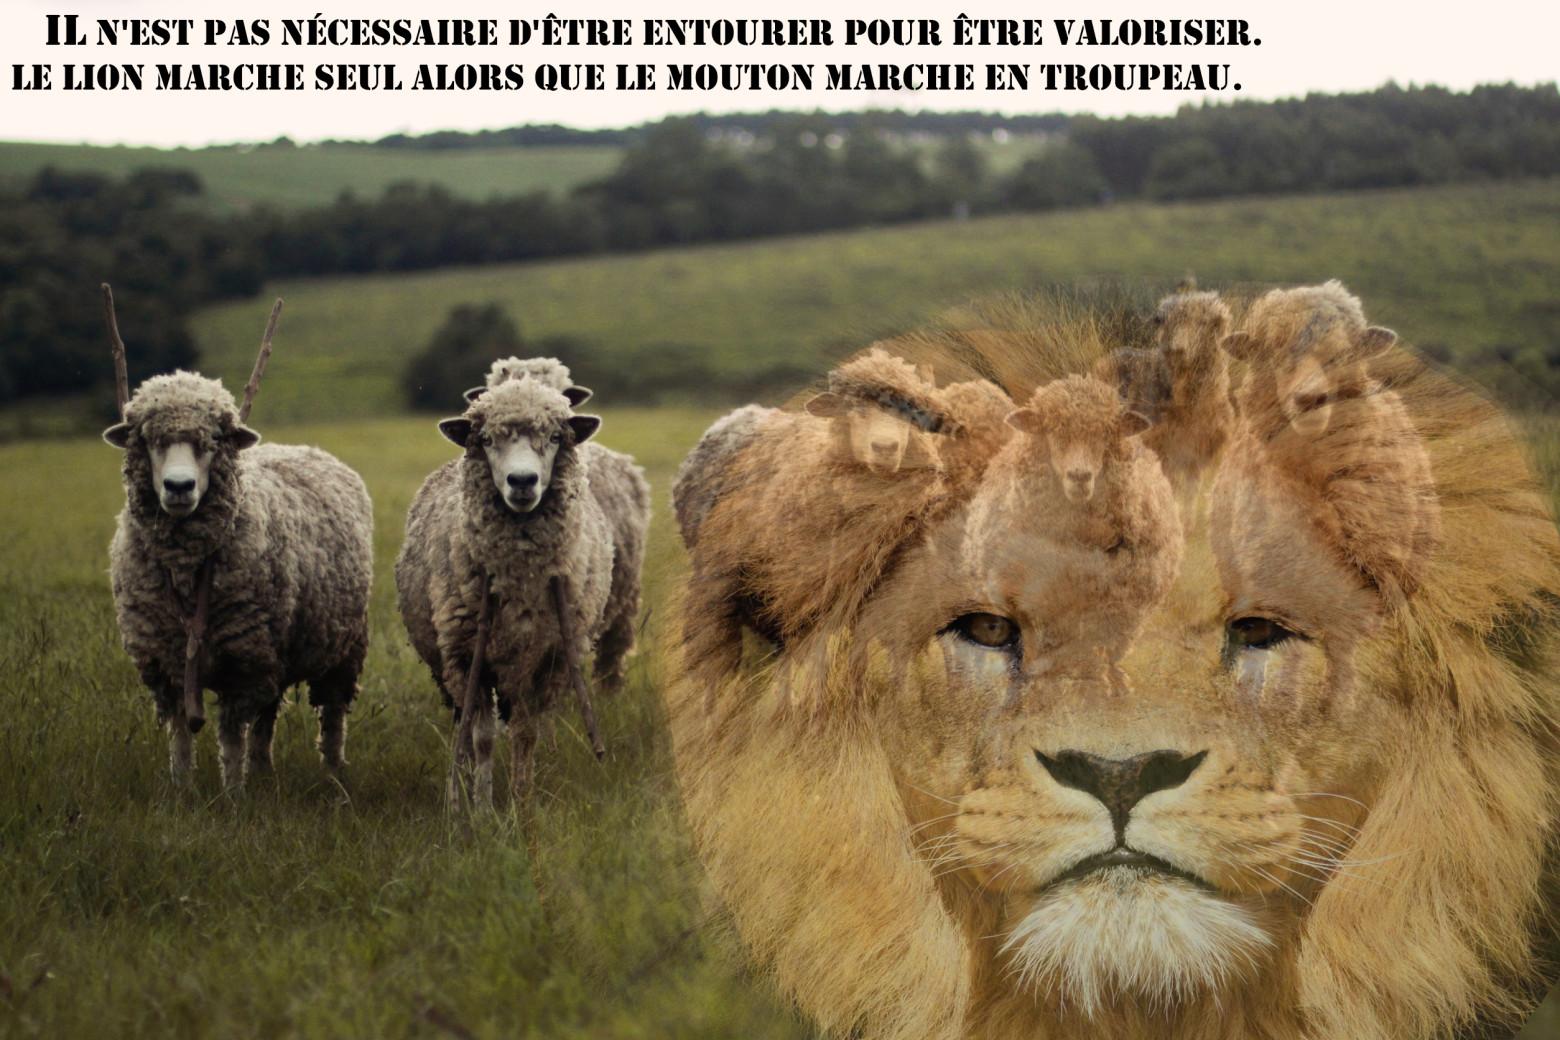 Fort comme un lion images gratuites et libres de droits - Photos de moutons gratuites ...